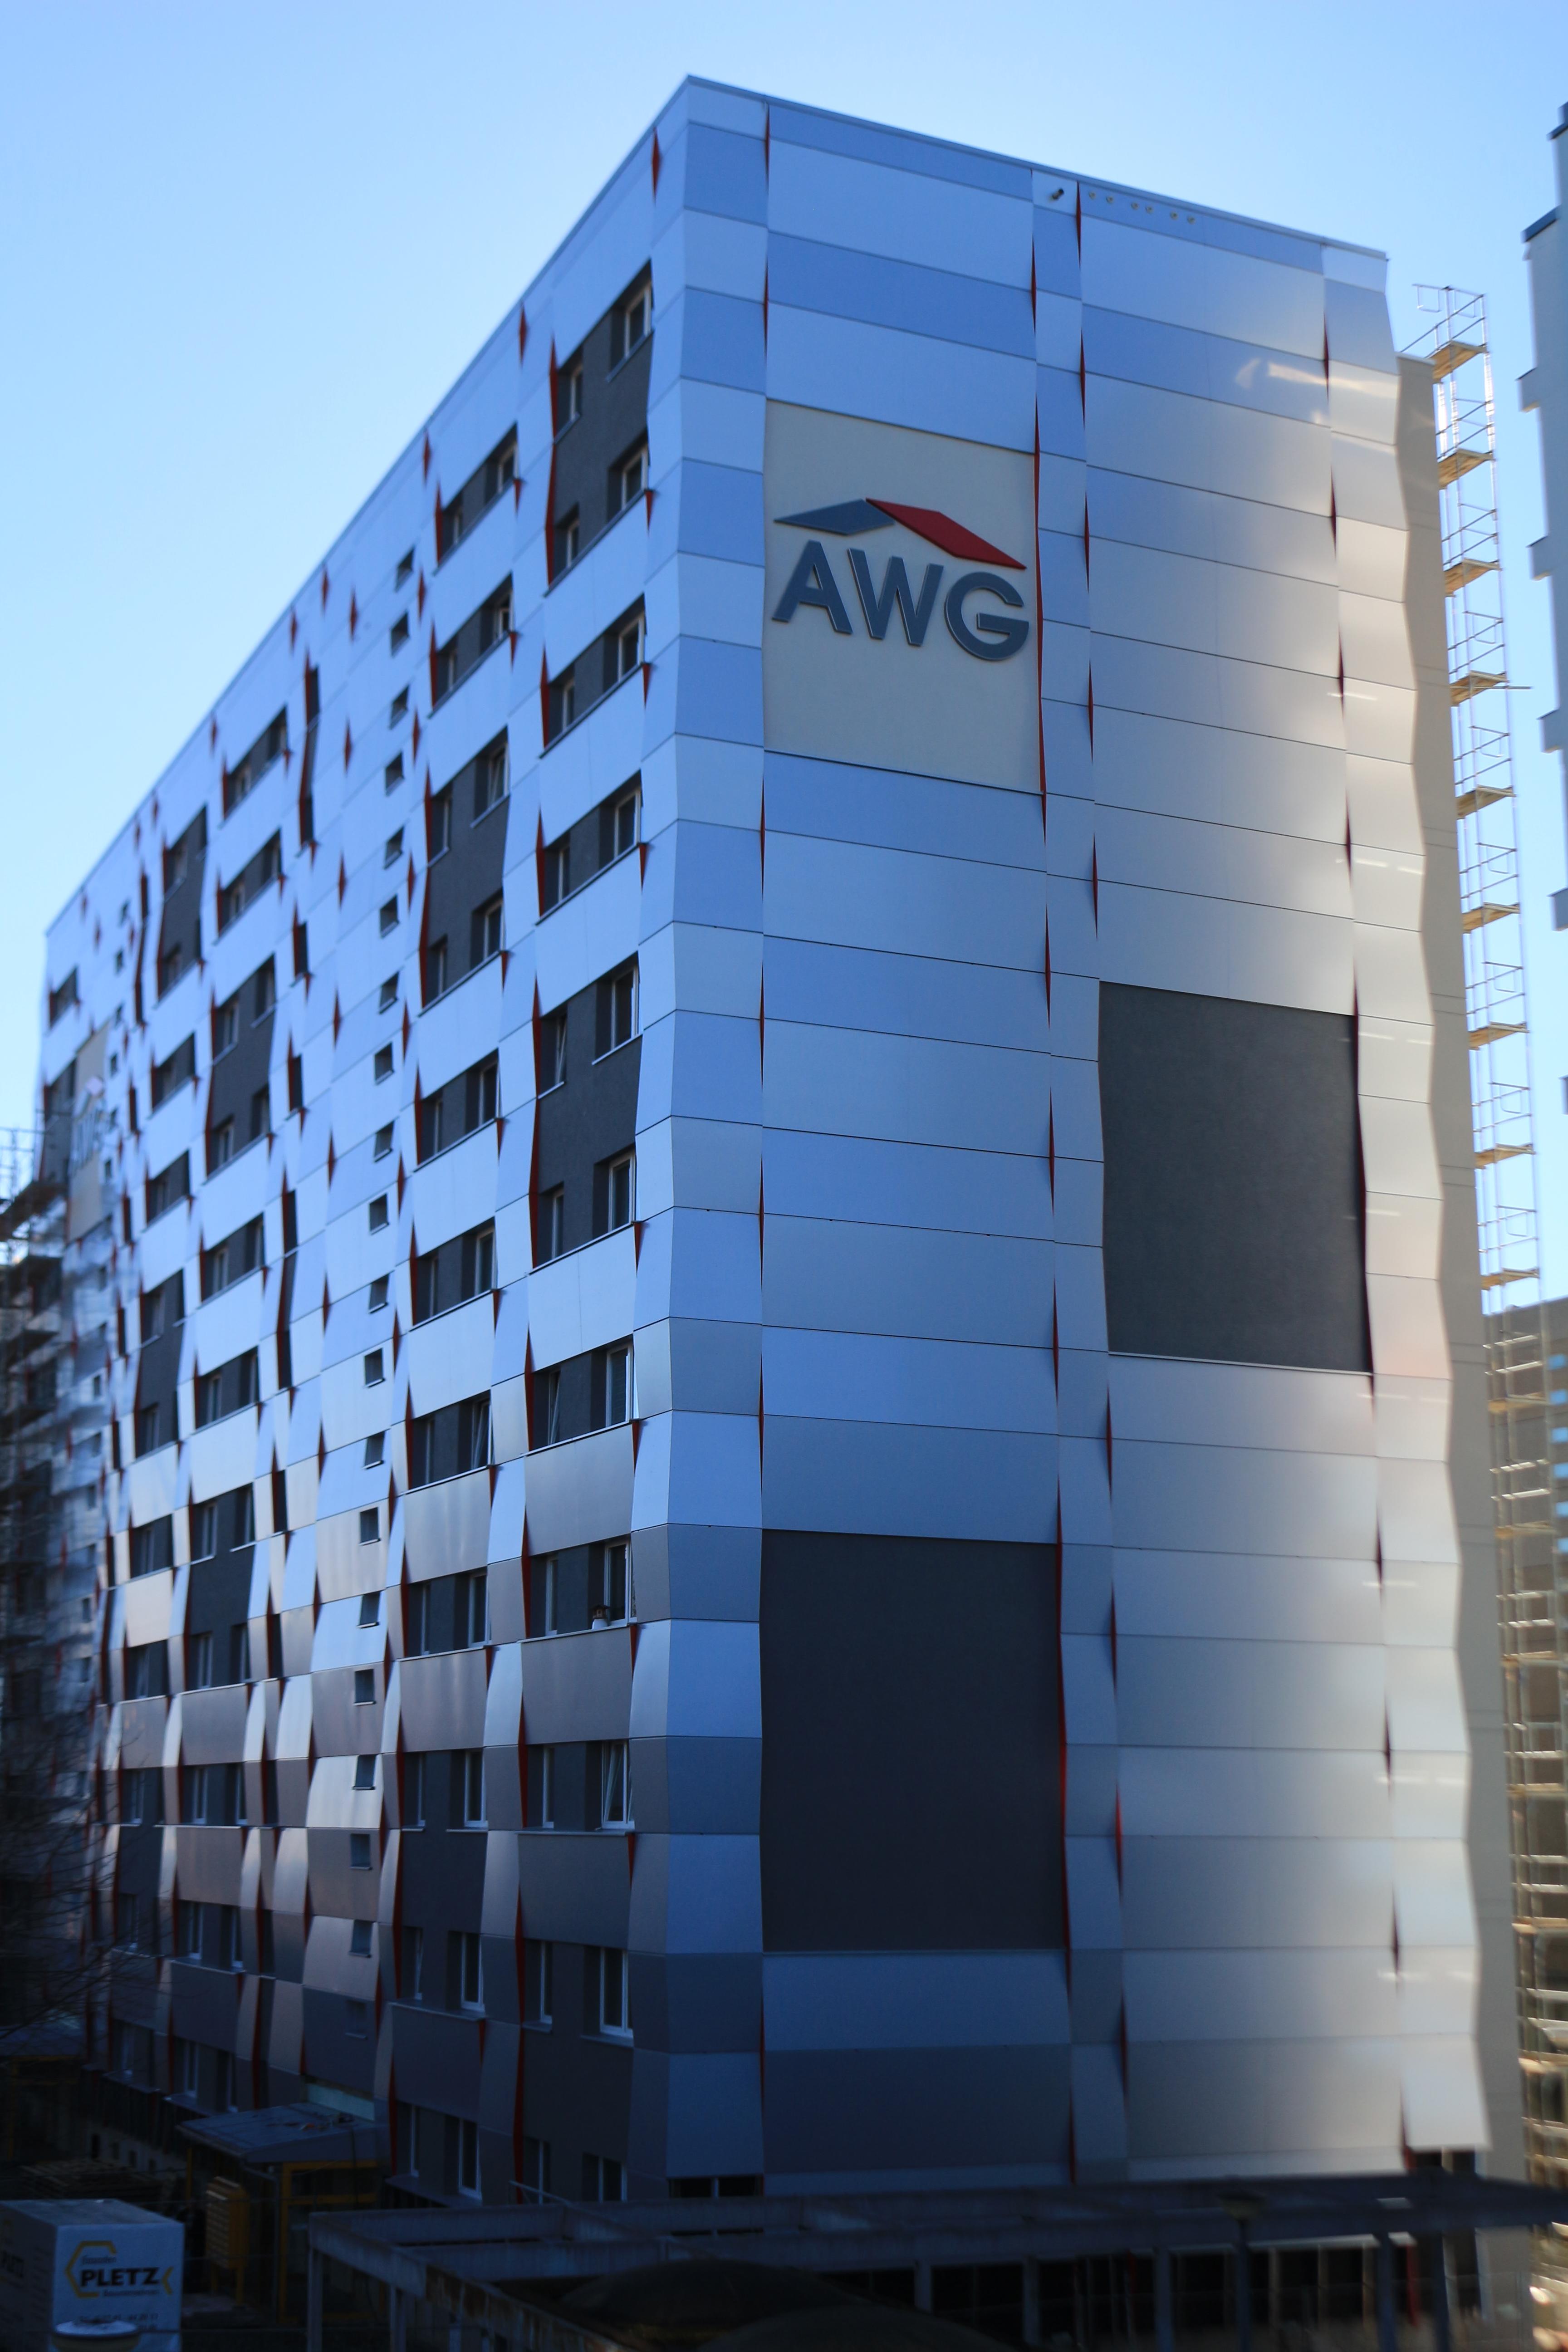 Fassadensanierung AWG